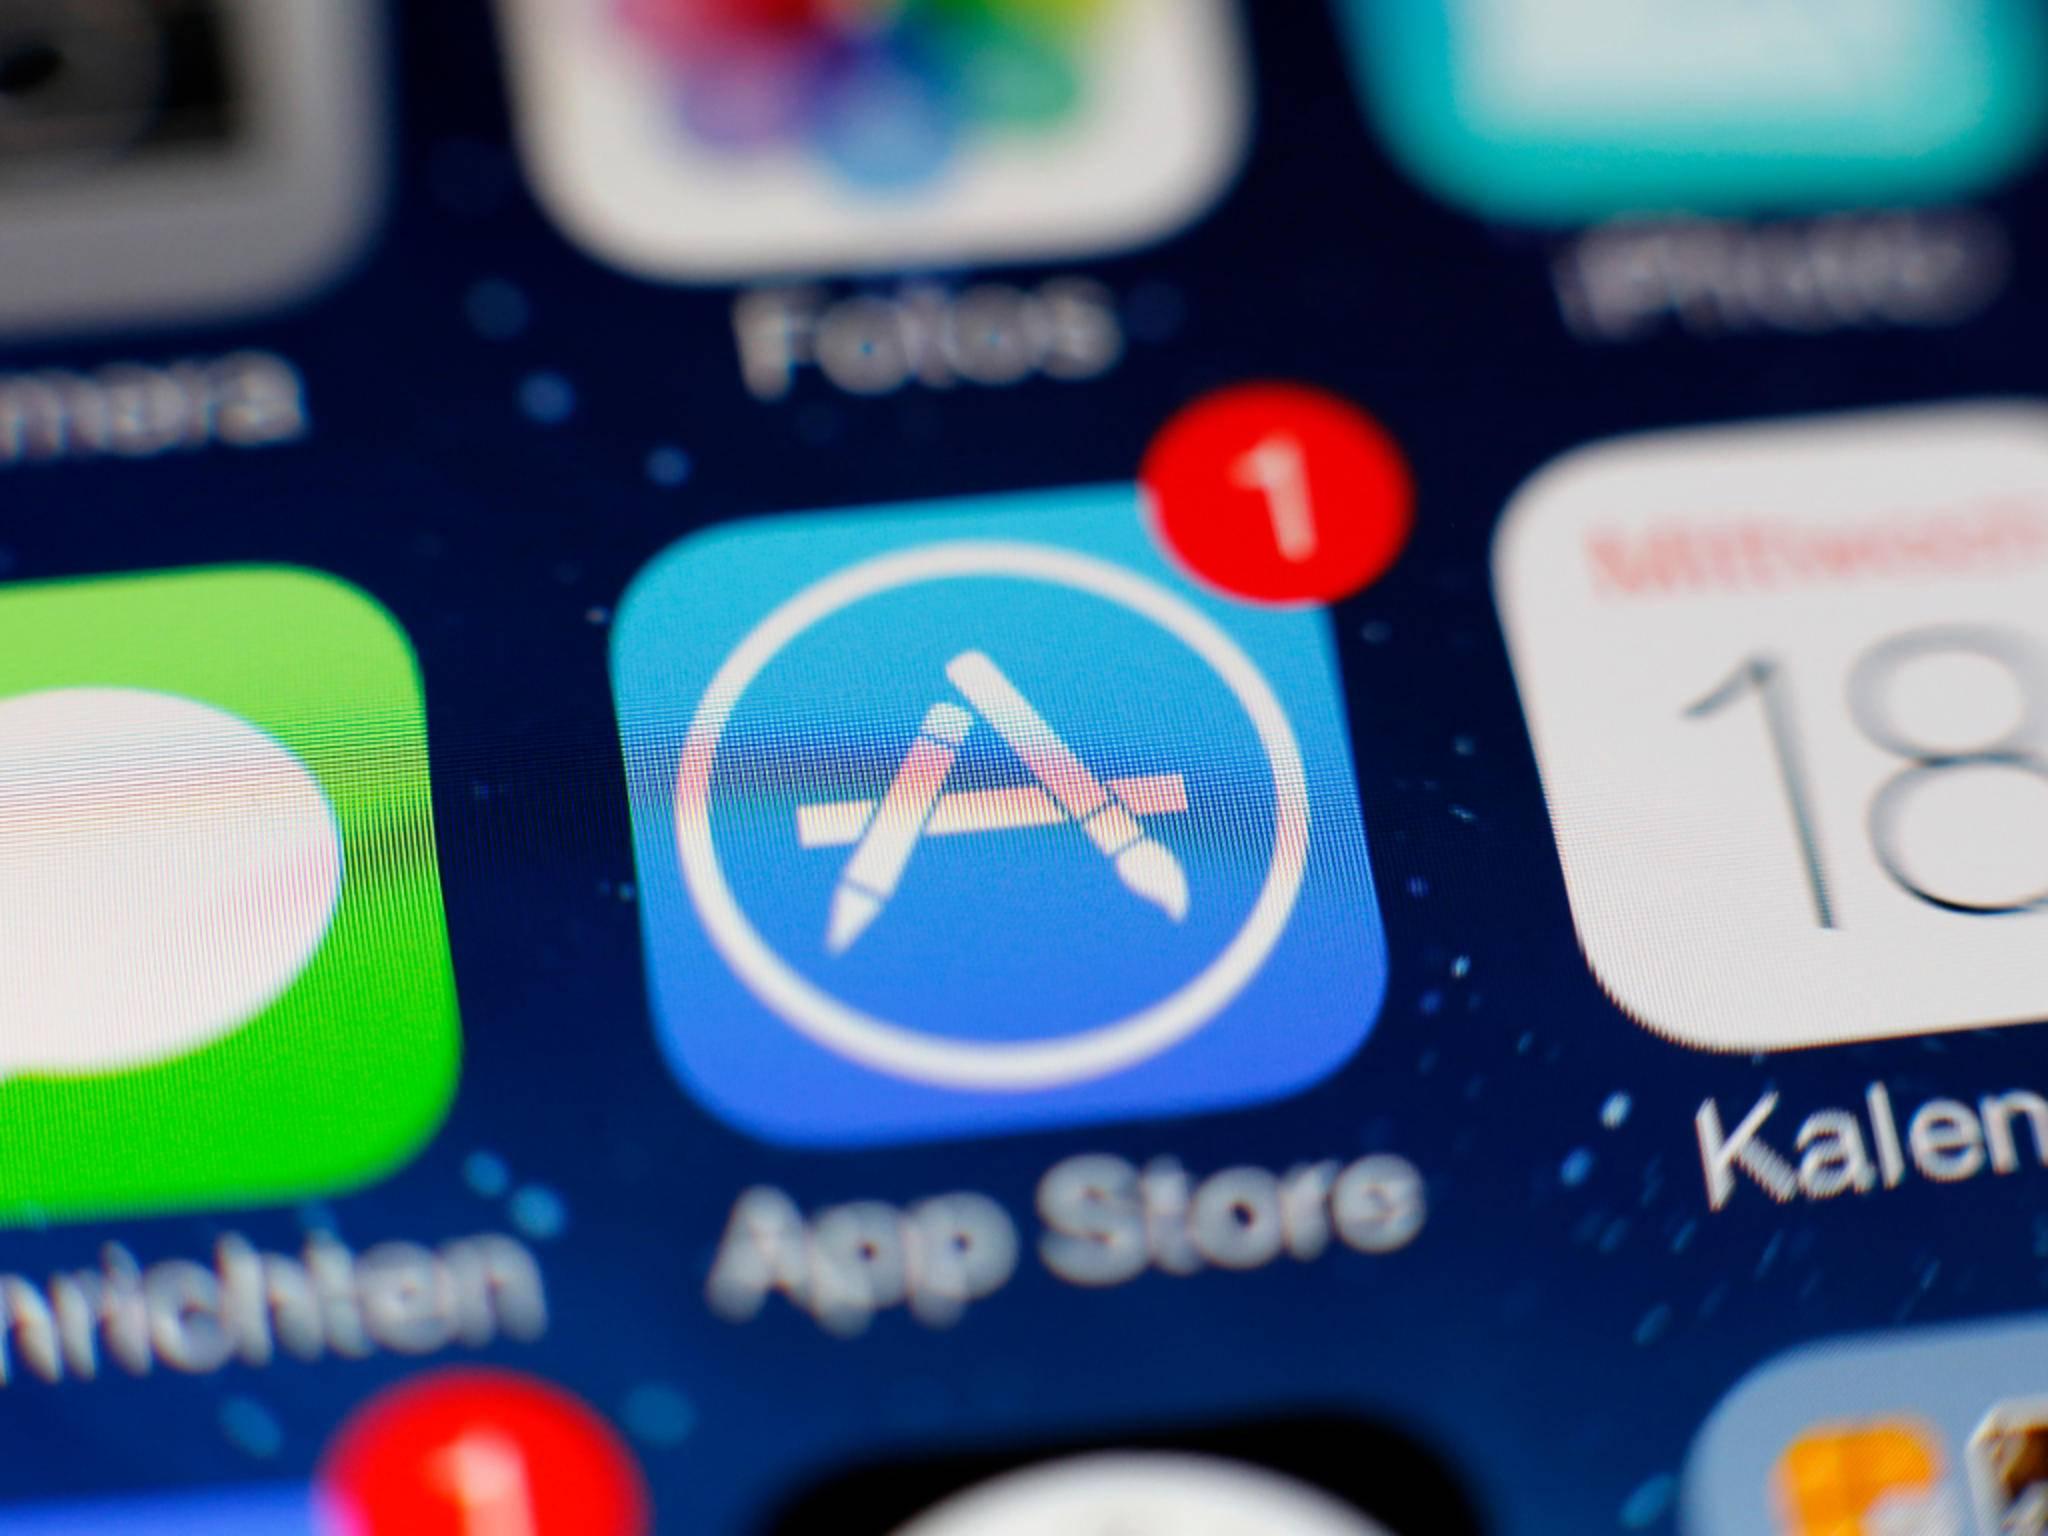 Viele Apps im App Store dürften im neuen Jahr teurer werden.